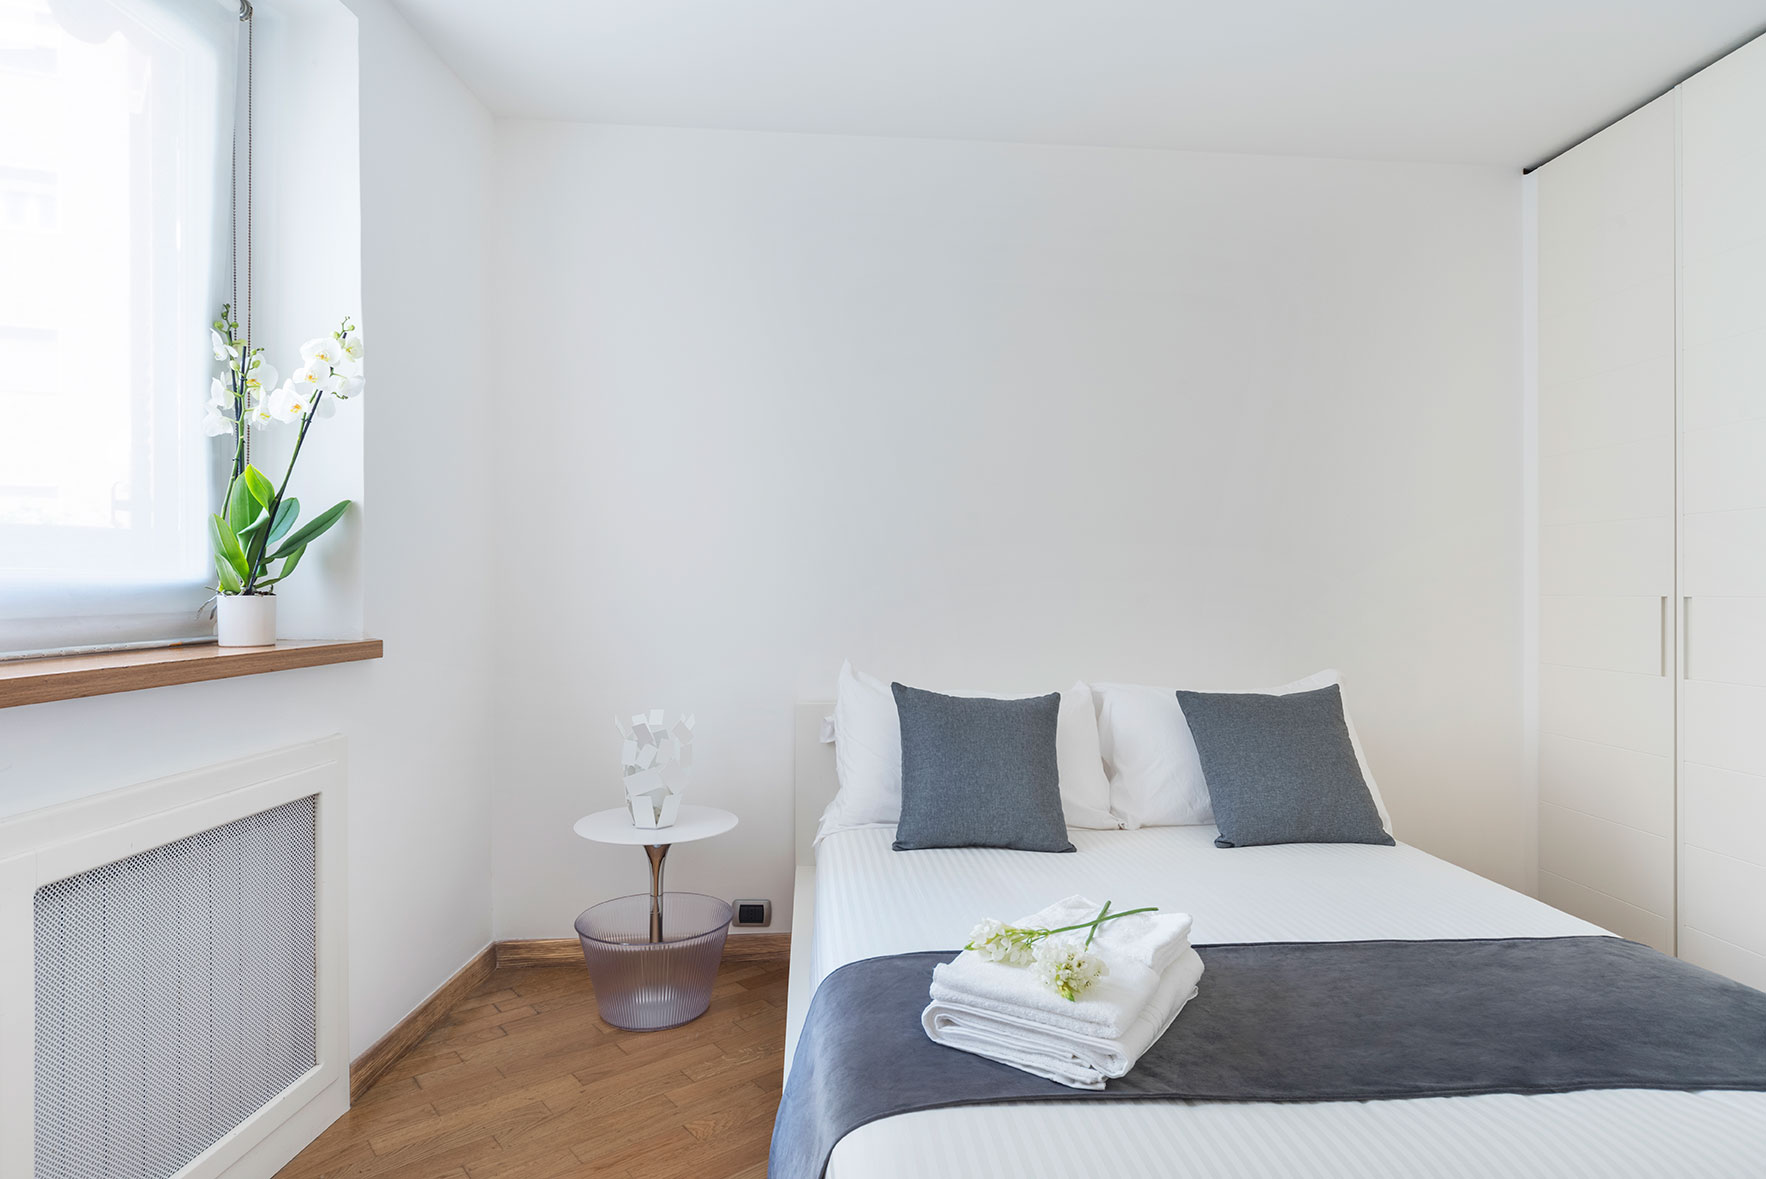 appartamento-deluxe-fiorentini-residence-napoli-5